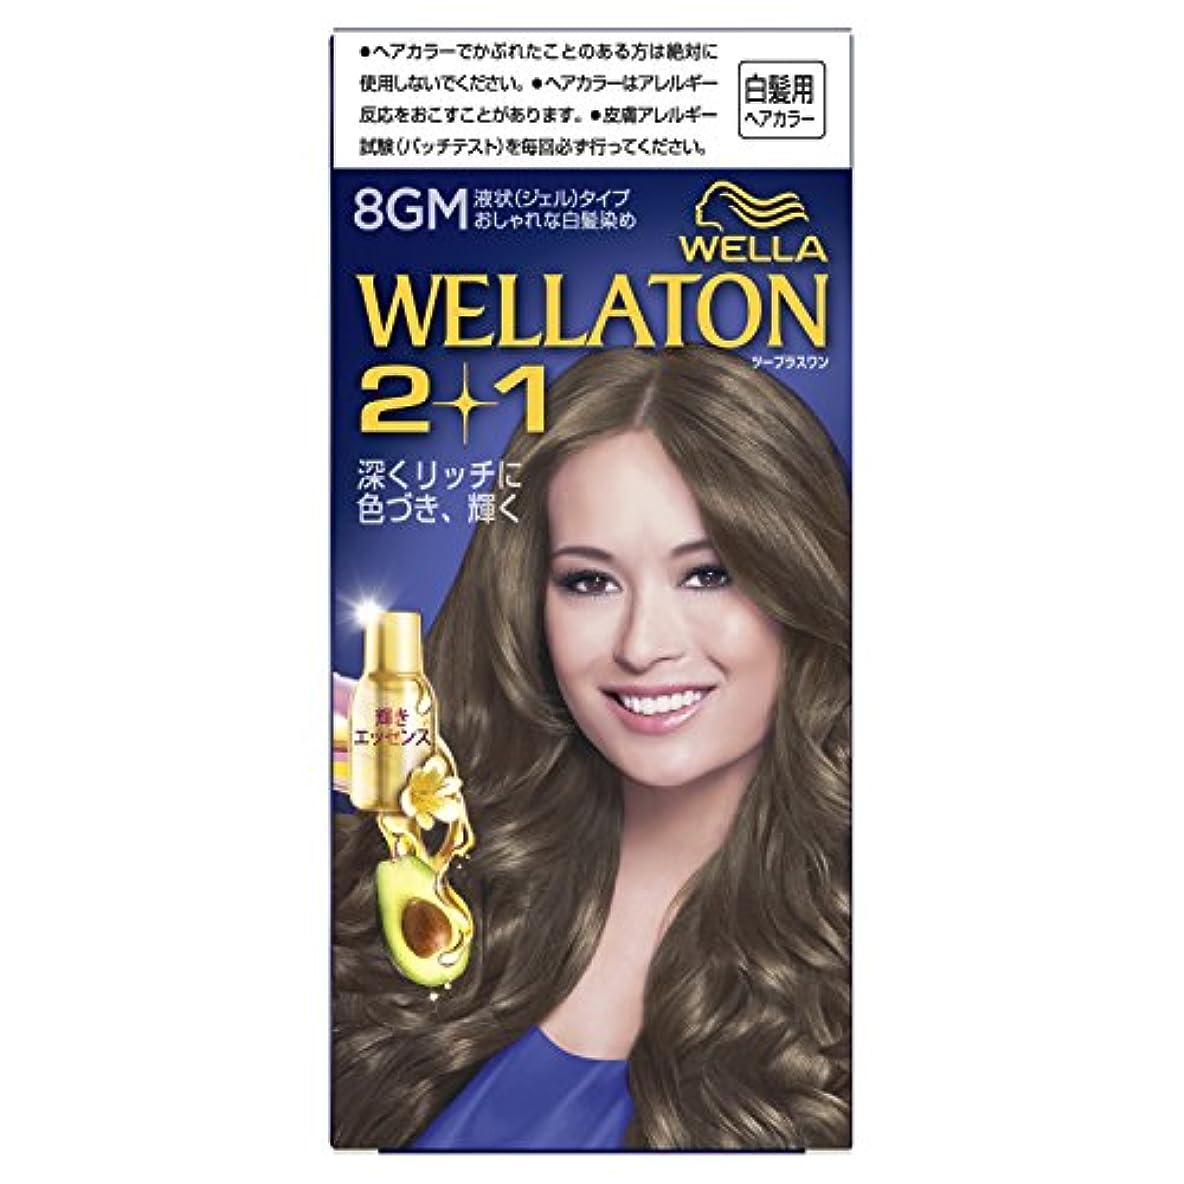 機構チャンバー木製ウエラトーン2+1 液状タイプ 8GM [医薬部外品](おしゃれな白髪染め)